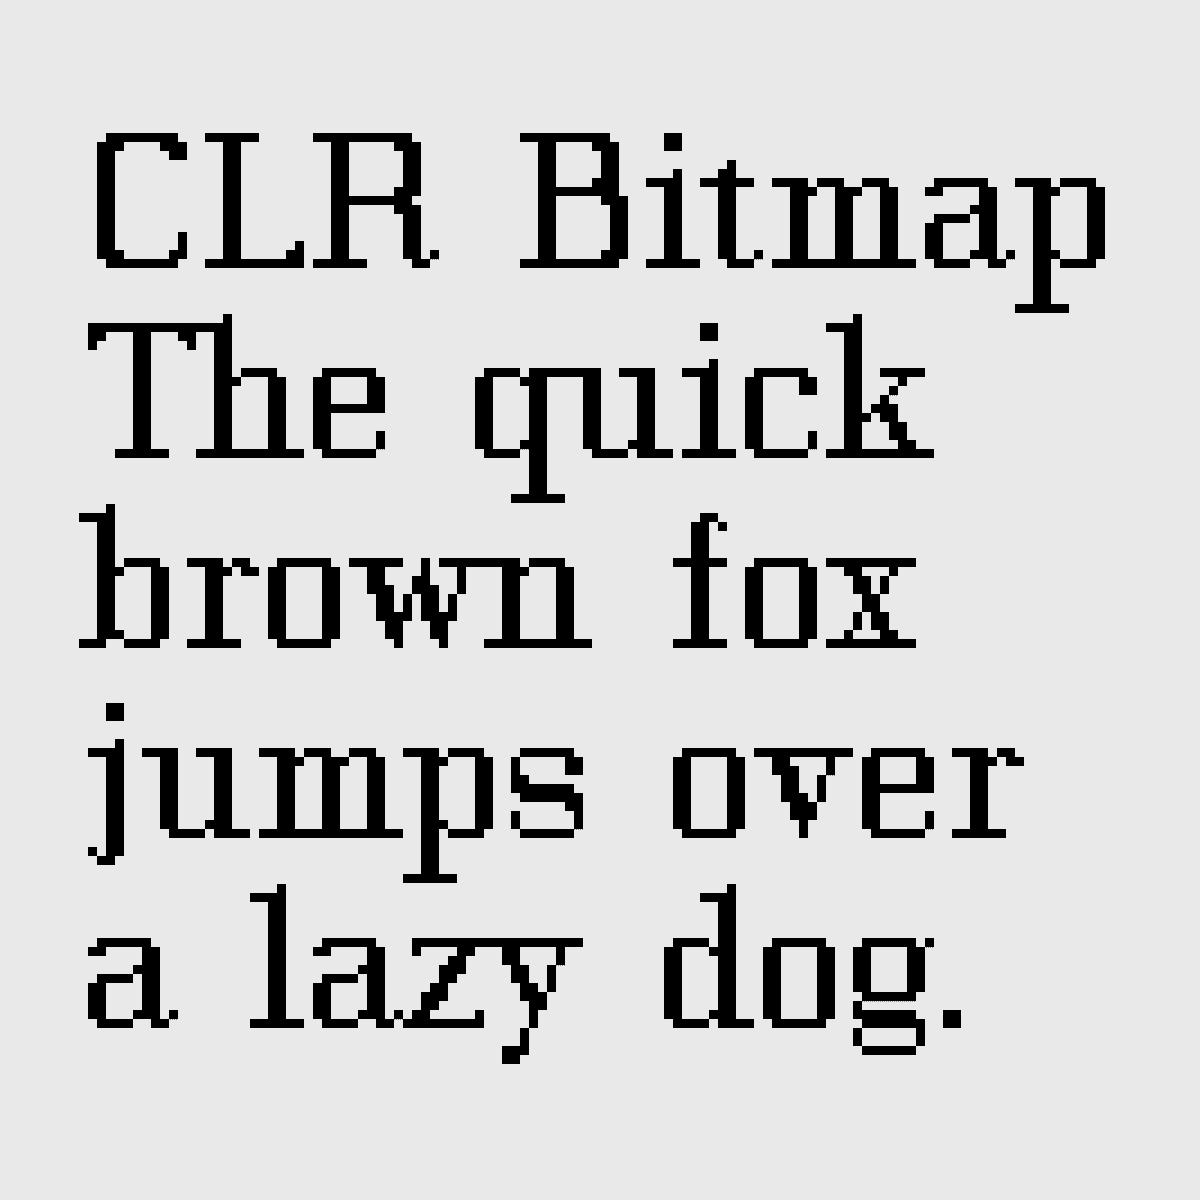 Famille de caractère dessinée pour l'identité visuelle du bureau d'architecture CLR, Genève. La version bitmap était utilisée sur le site internet, développé par Gael Hugo, alors qu'à l'époque il n'y avait pas de solution simple pour intégrer des polices de caractère.